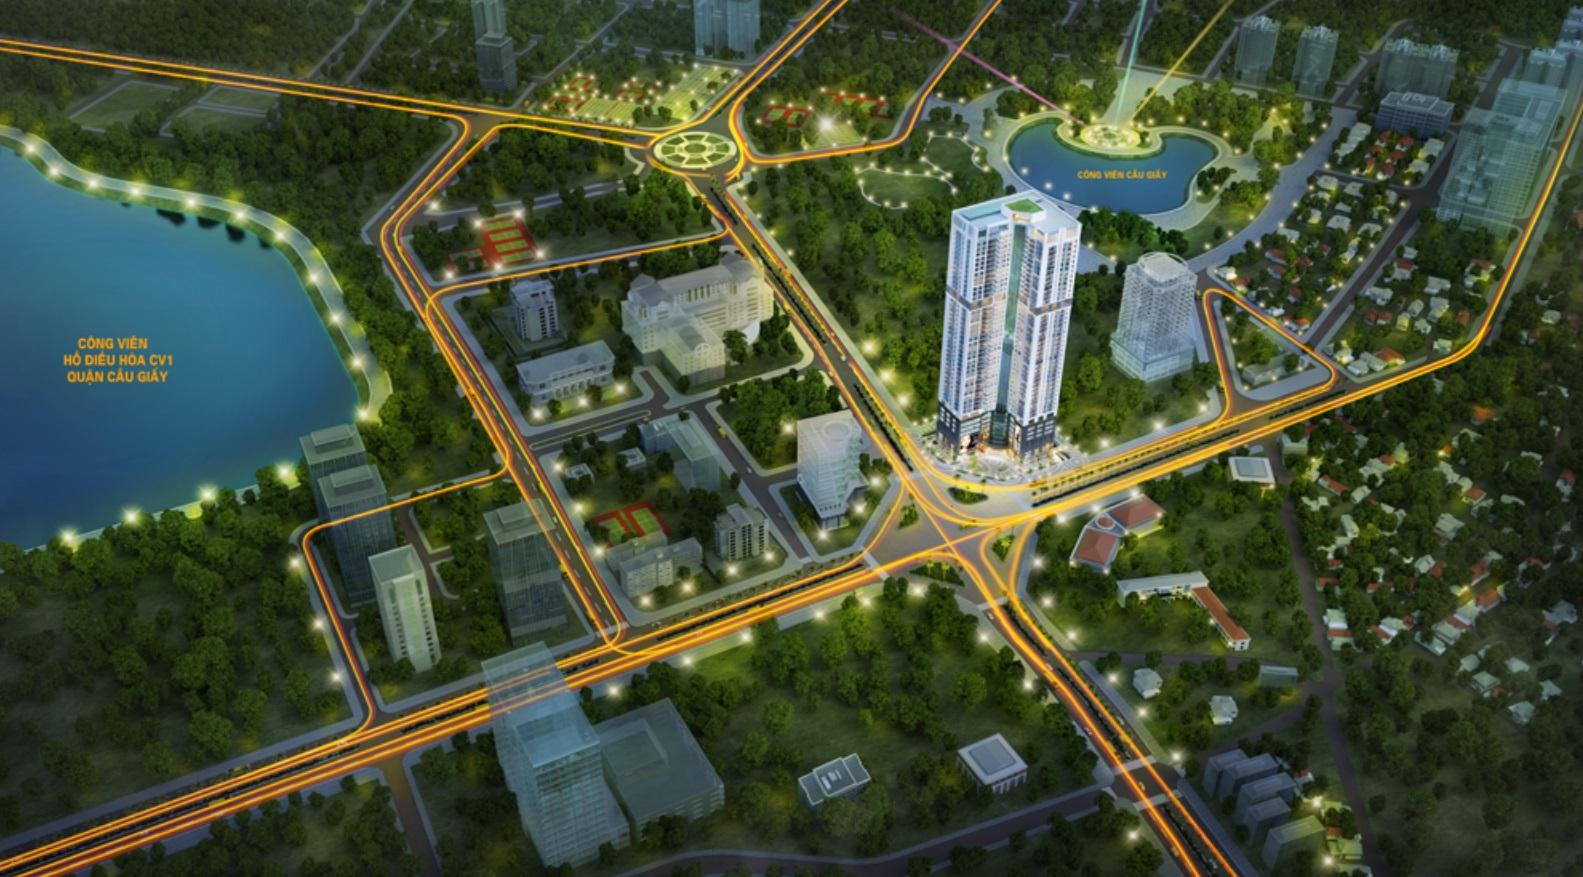 """Dự án Golden Park Tower lấy ý tưởng thiết kế """"Giá trị Vàng - Bền vững cùng thời gian"""""""